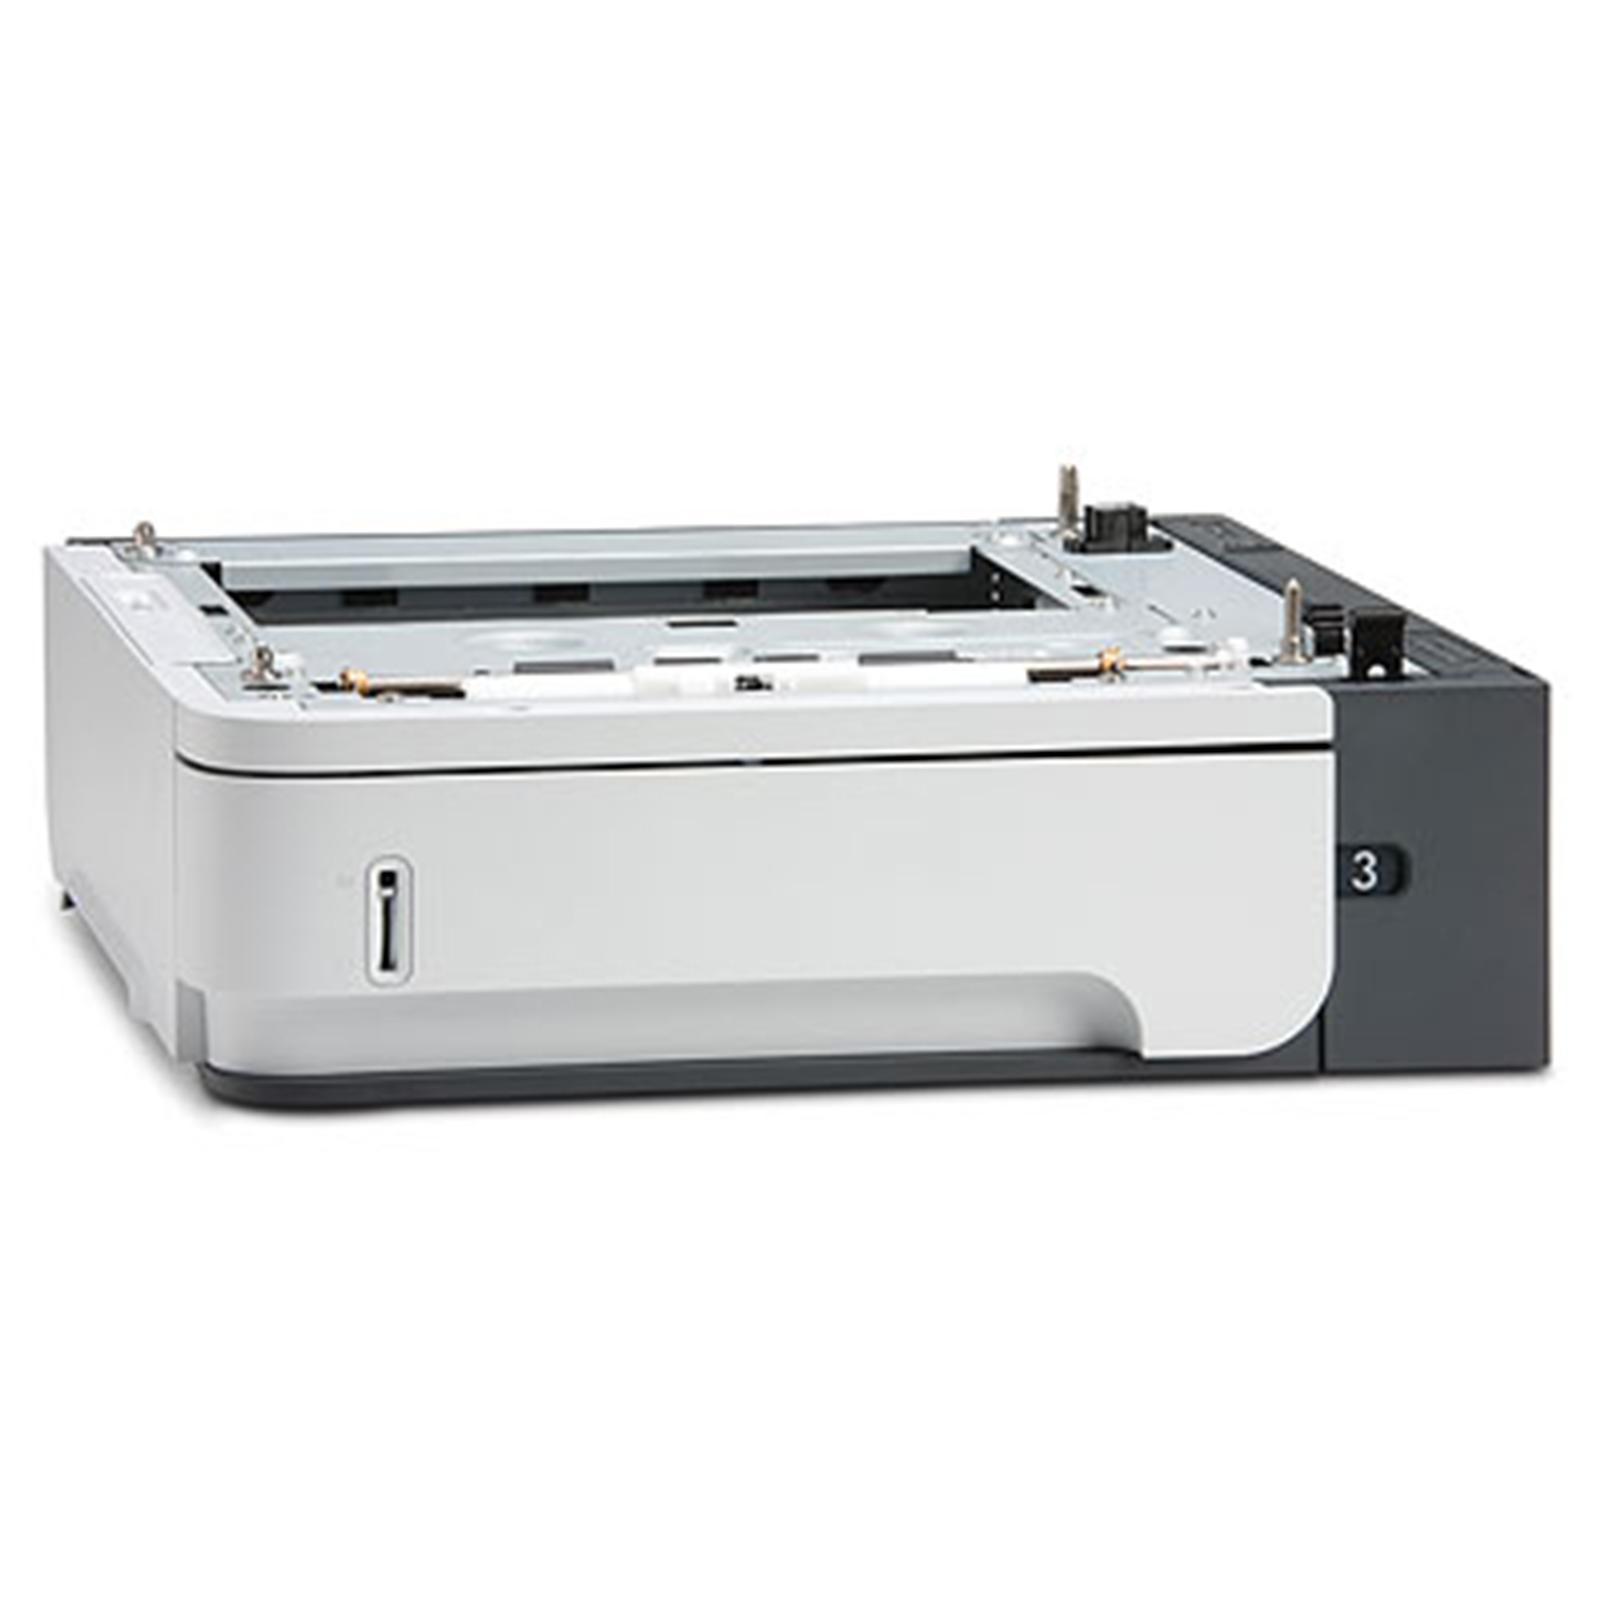 HP 500 Sheet Feeder Tray